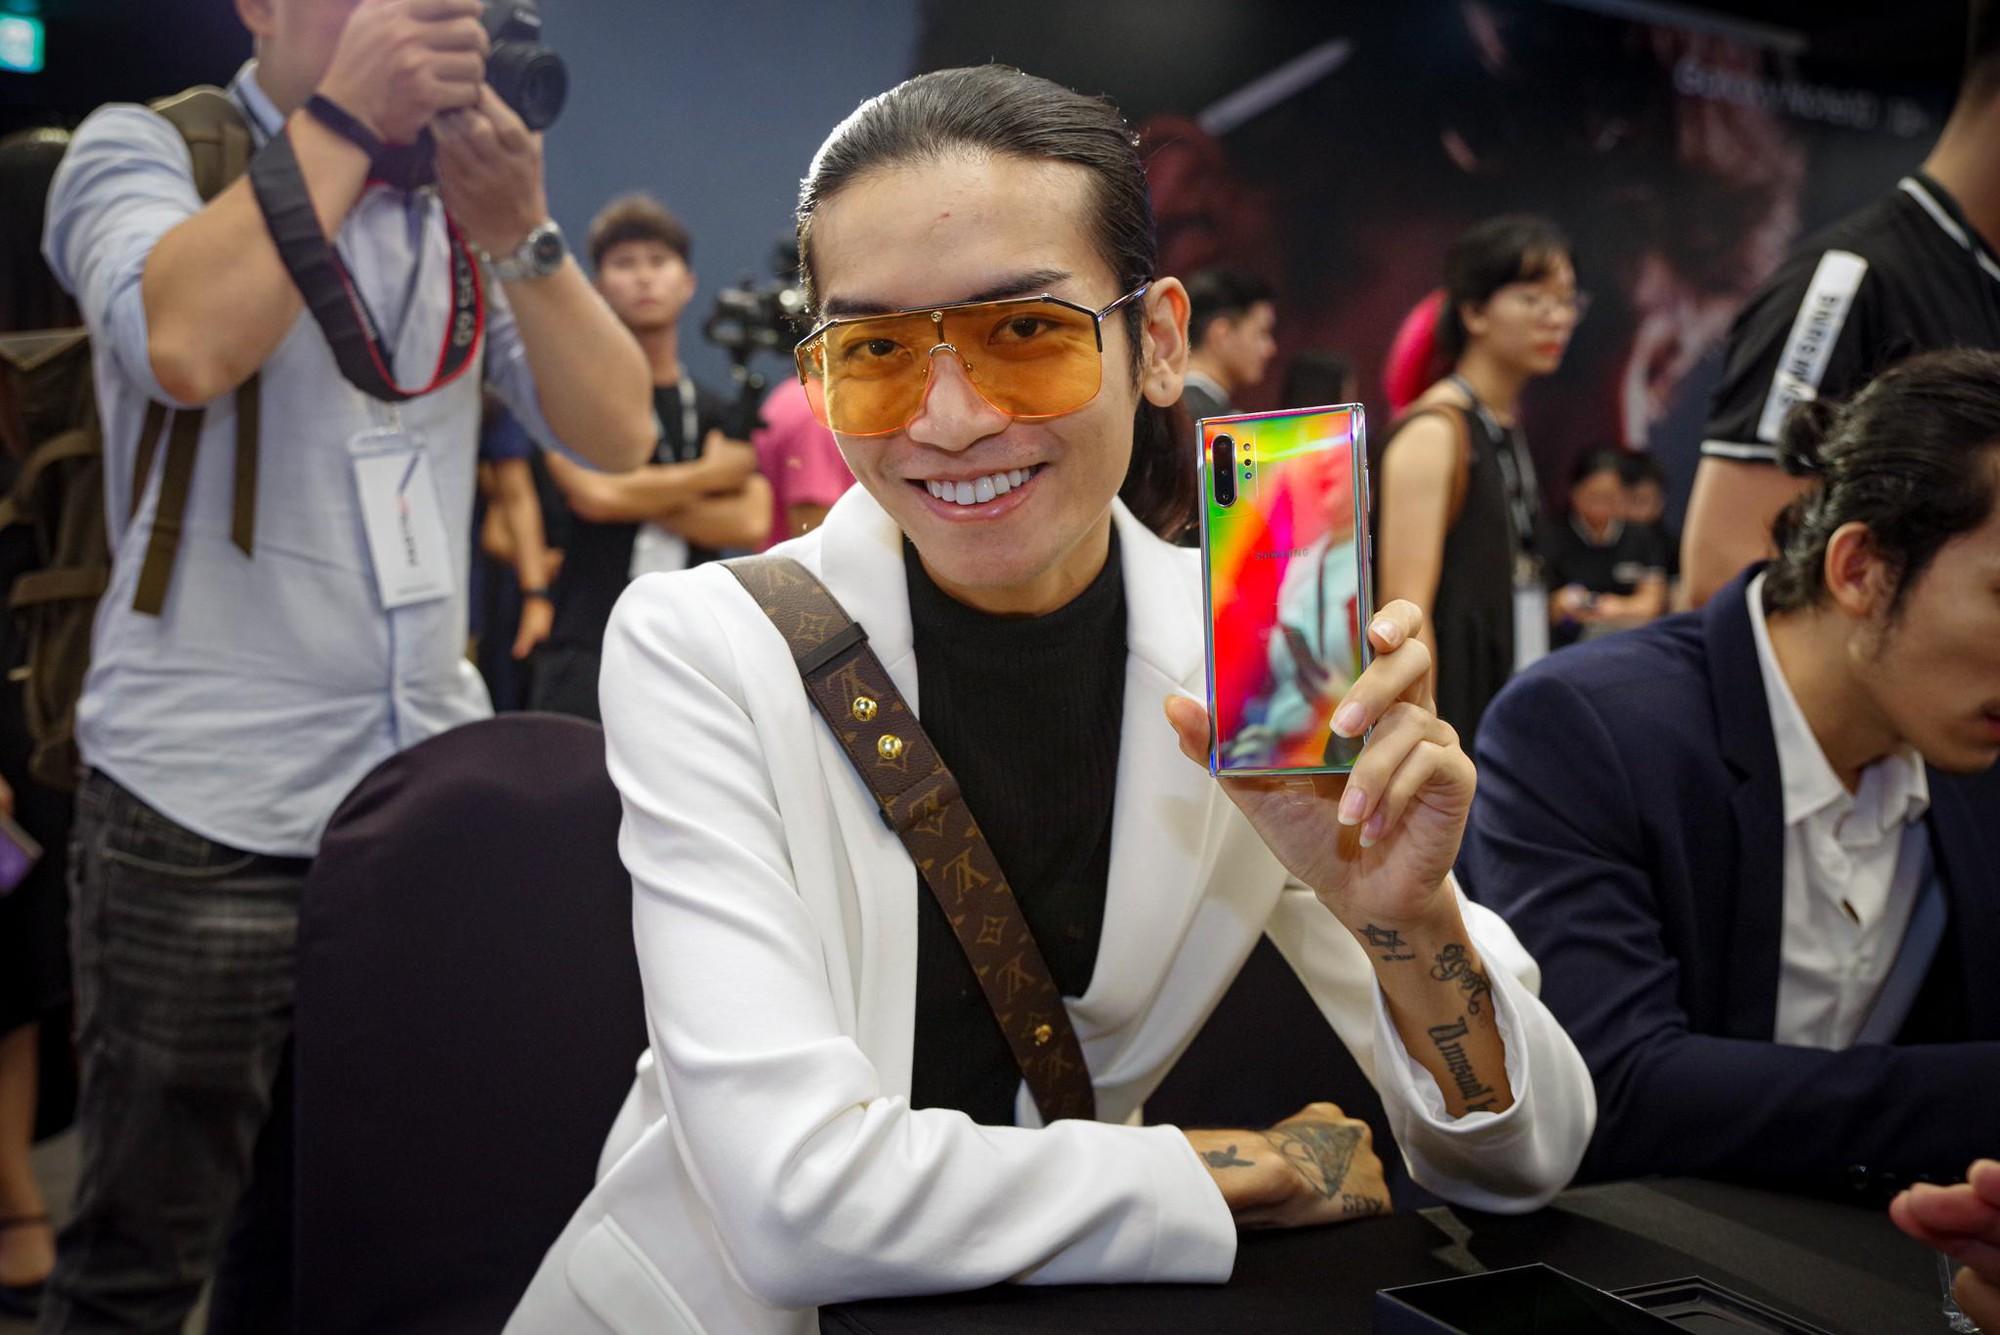 Cứ ngỡ Liên Bỉnh Phát xếp hàng mua Note10 ngày mở bán cho cô gái nào, đám đông bất ngờ nhận ra cô gái ấy là BB Trần - Ảnh 4.